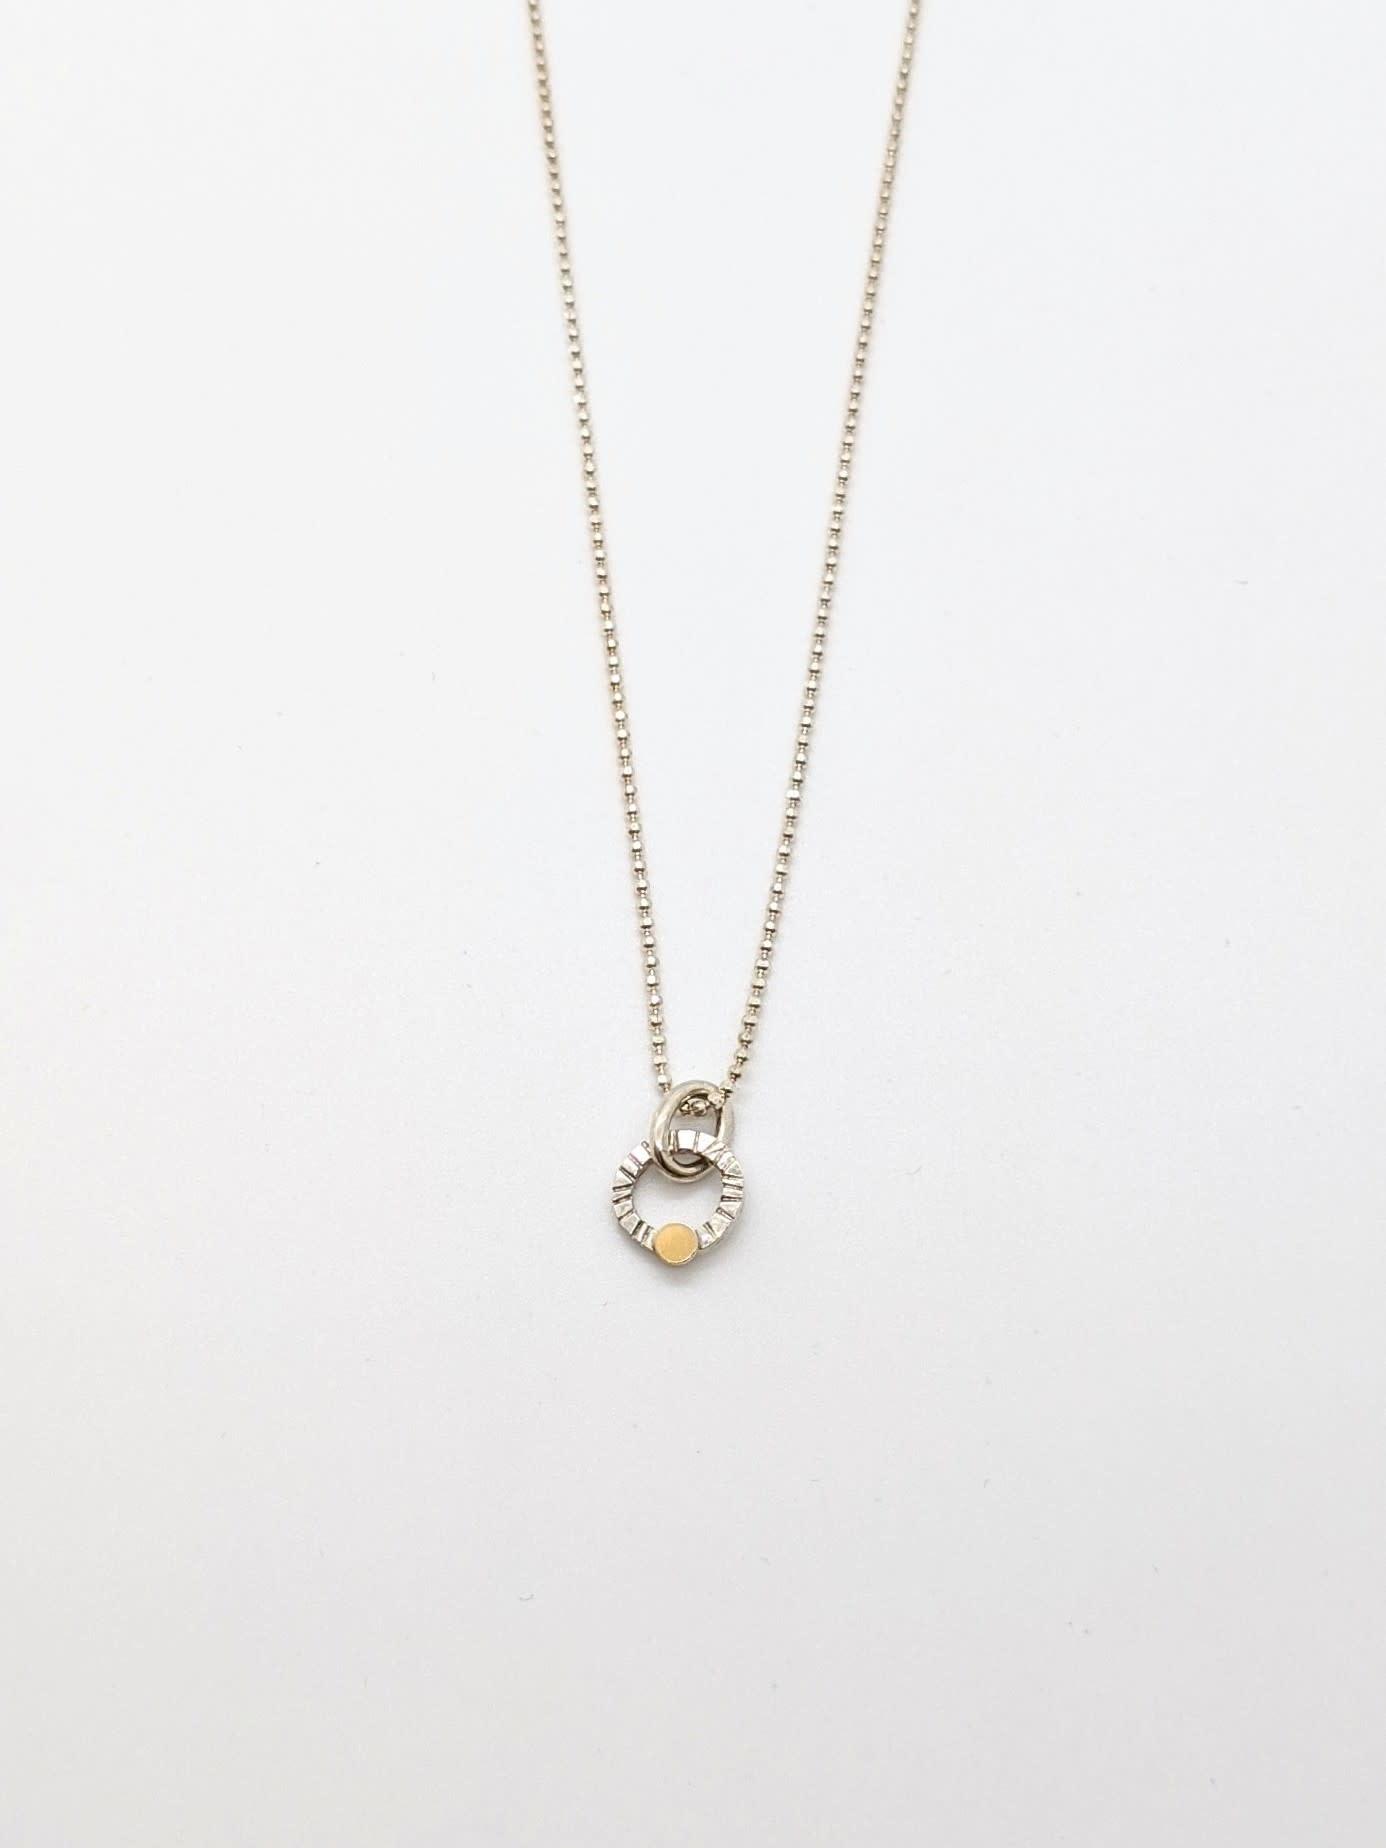 Sue Fischer Hayes Jewelry Sue Fischer Hayes - Necklaces